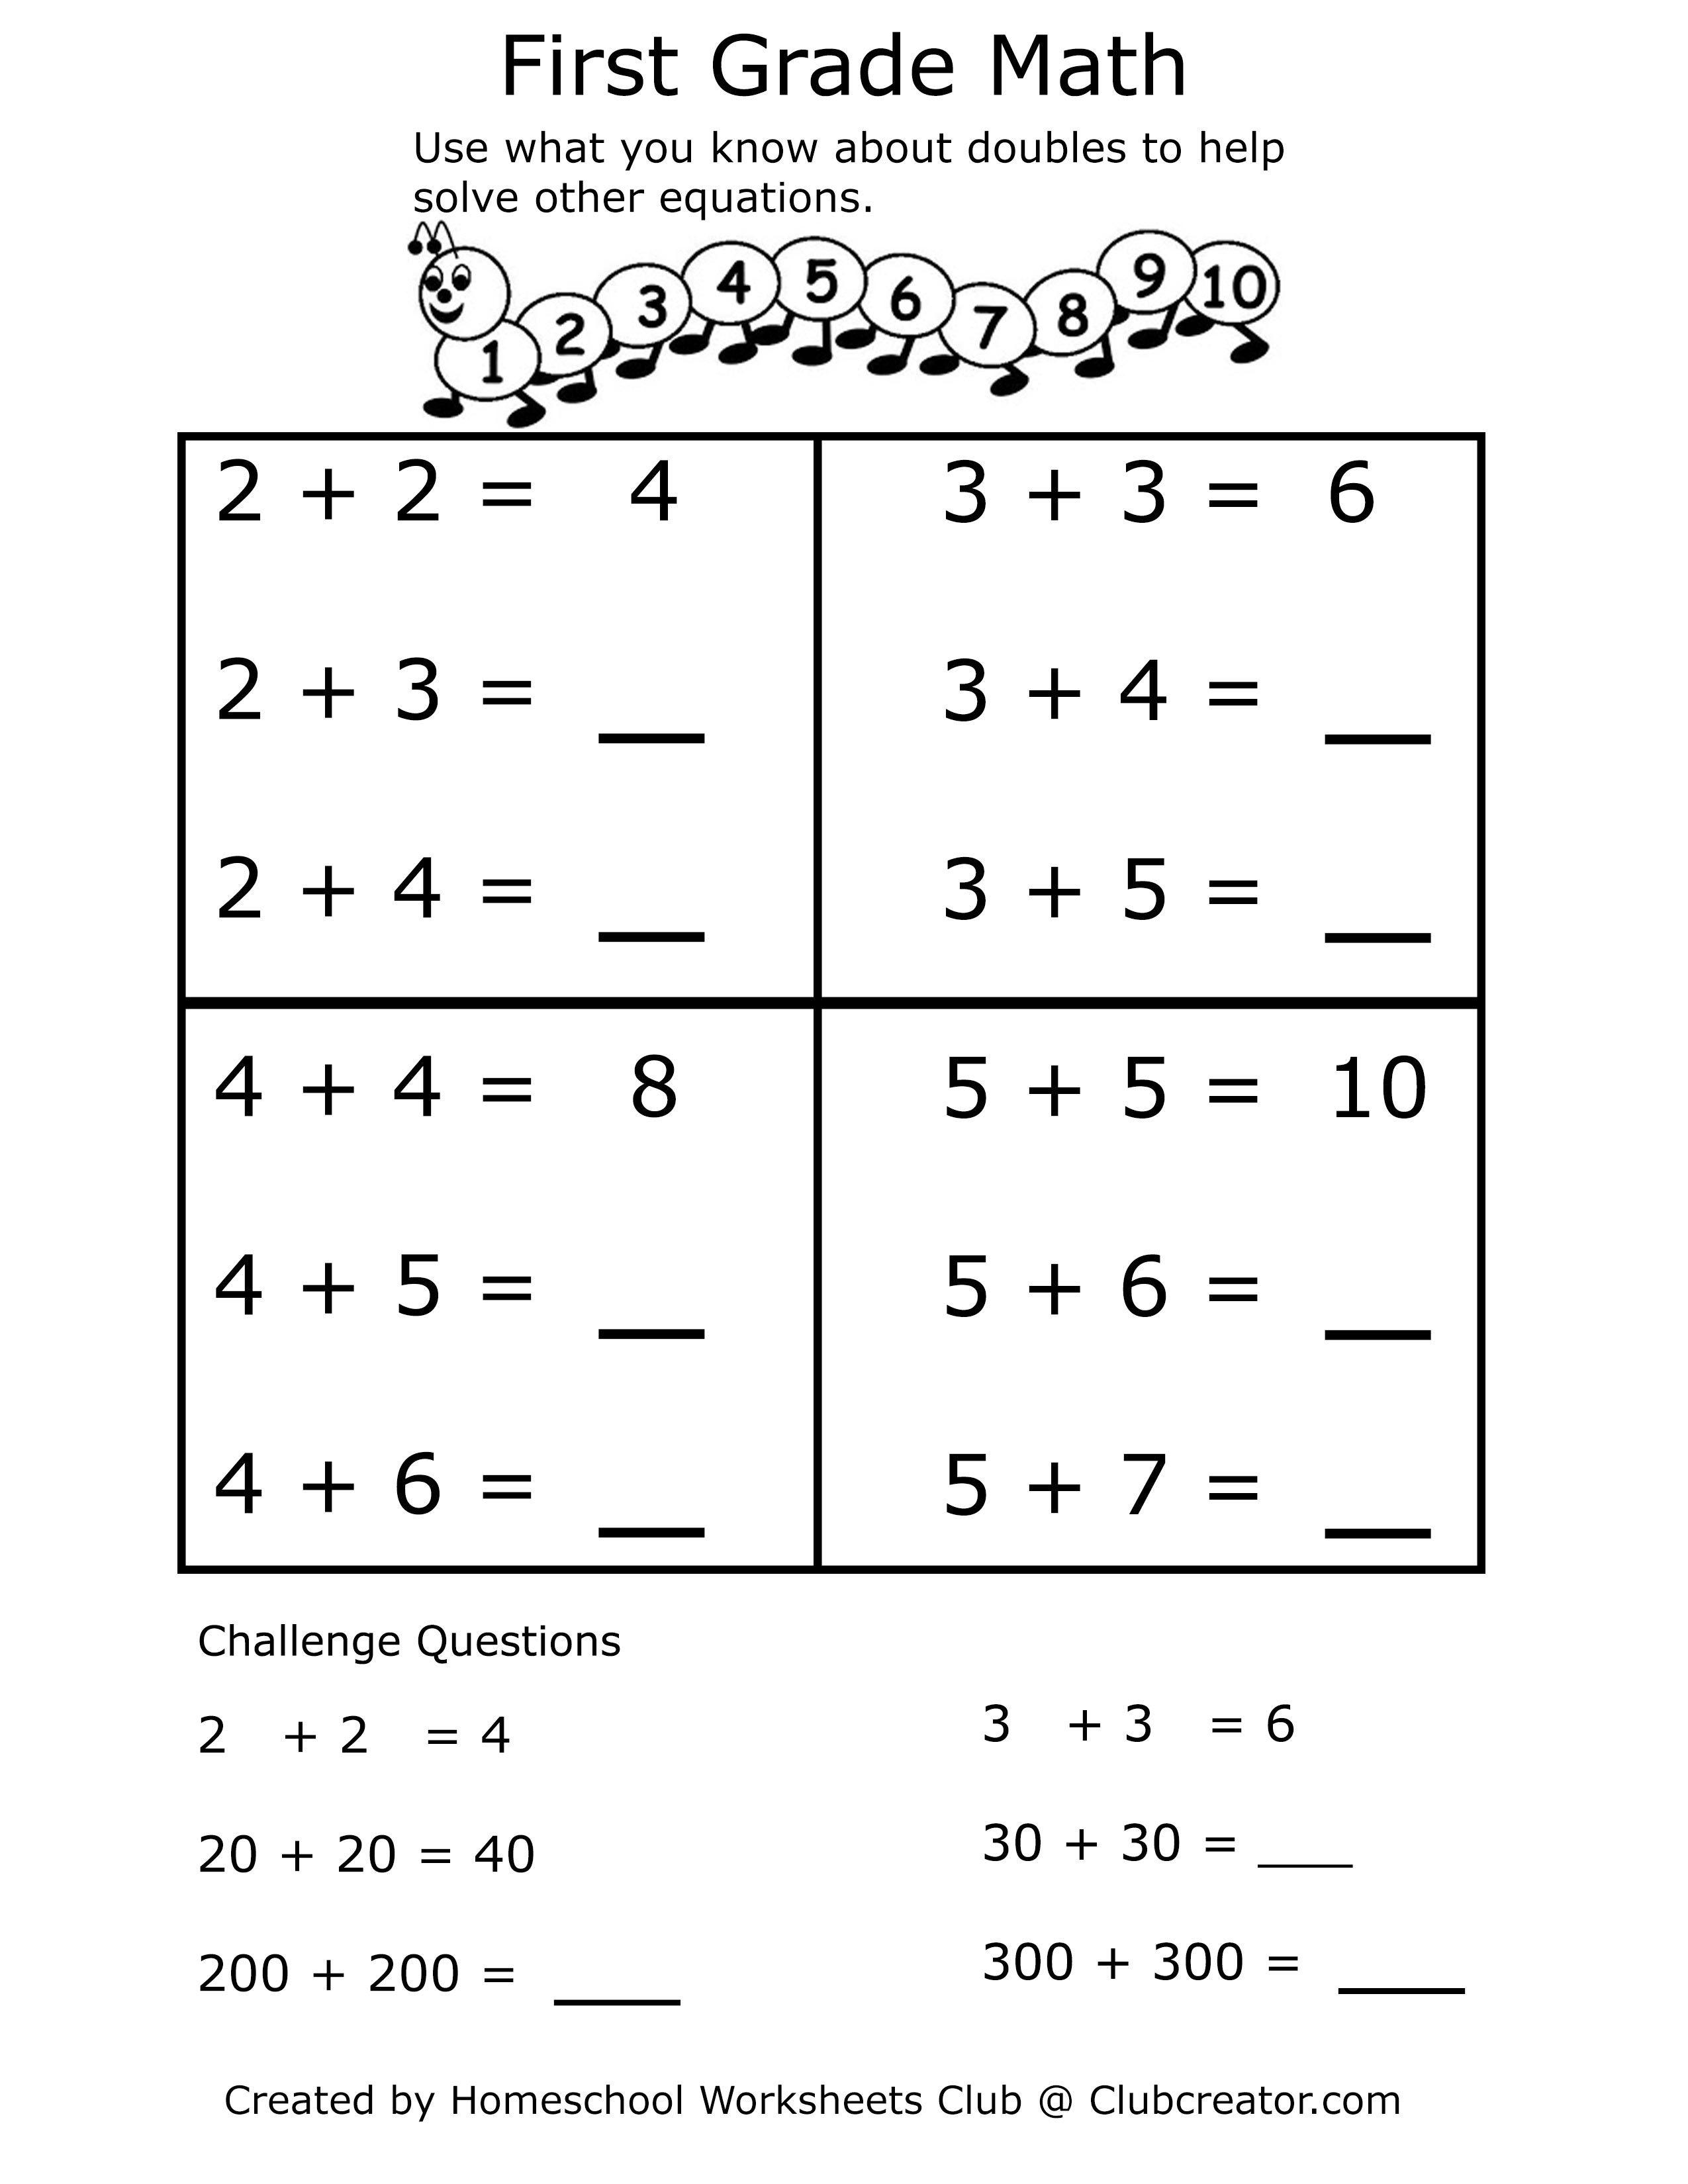 First Grade Addition Math Worksheet First Grade Math Worksheets Homeschool Worksheets First Grade Math [ 3300 x 2550 Pixel ]